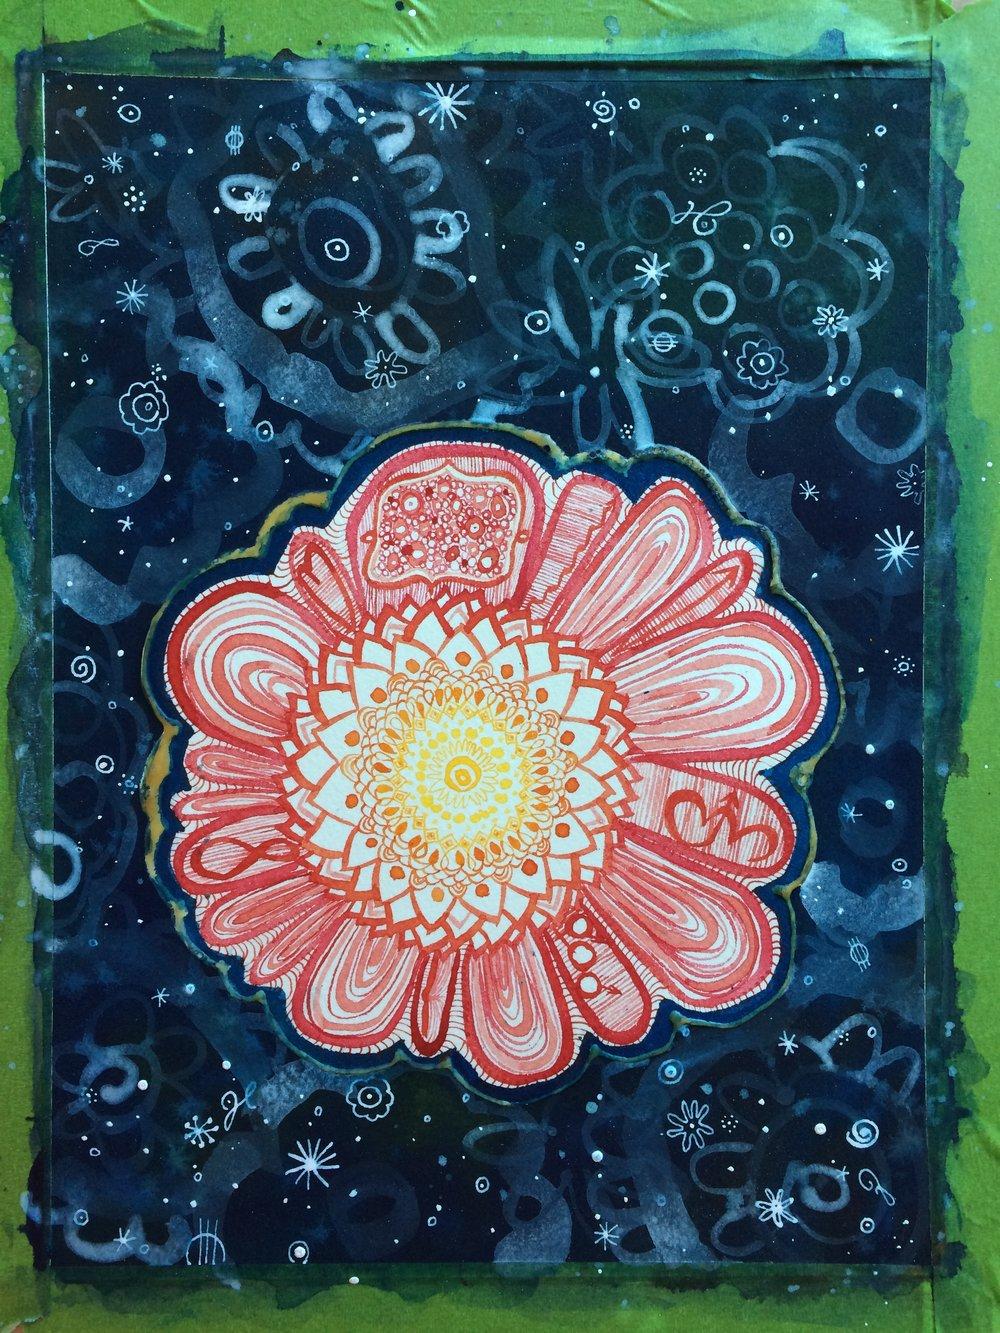 petals with symbols of key moments